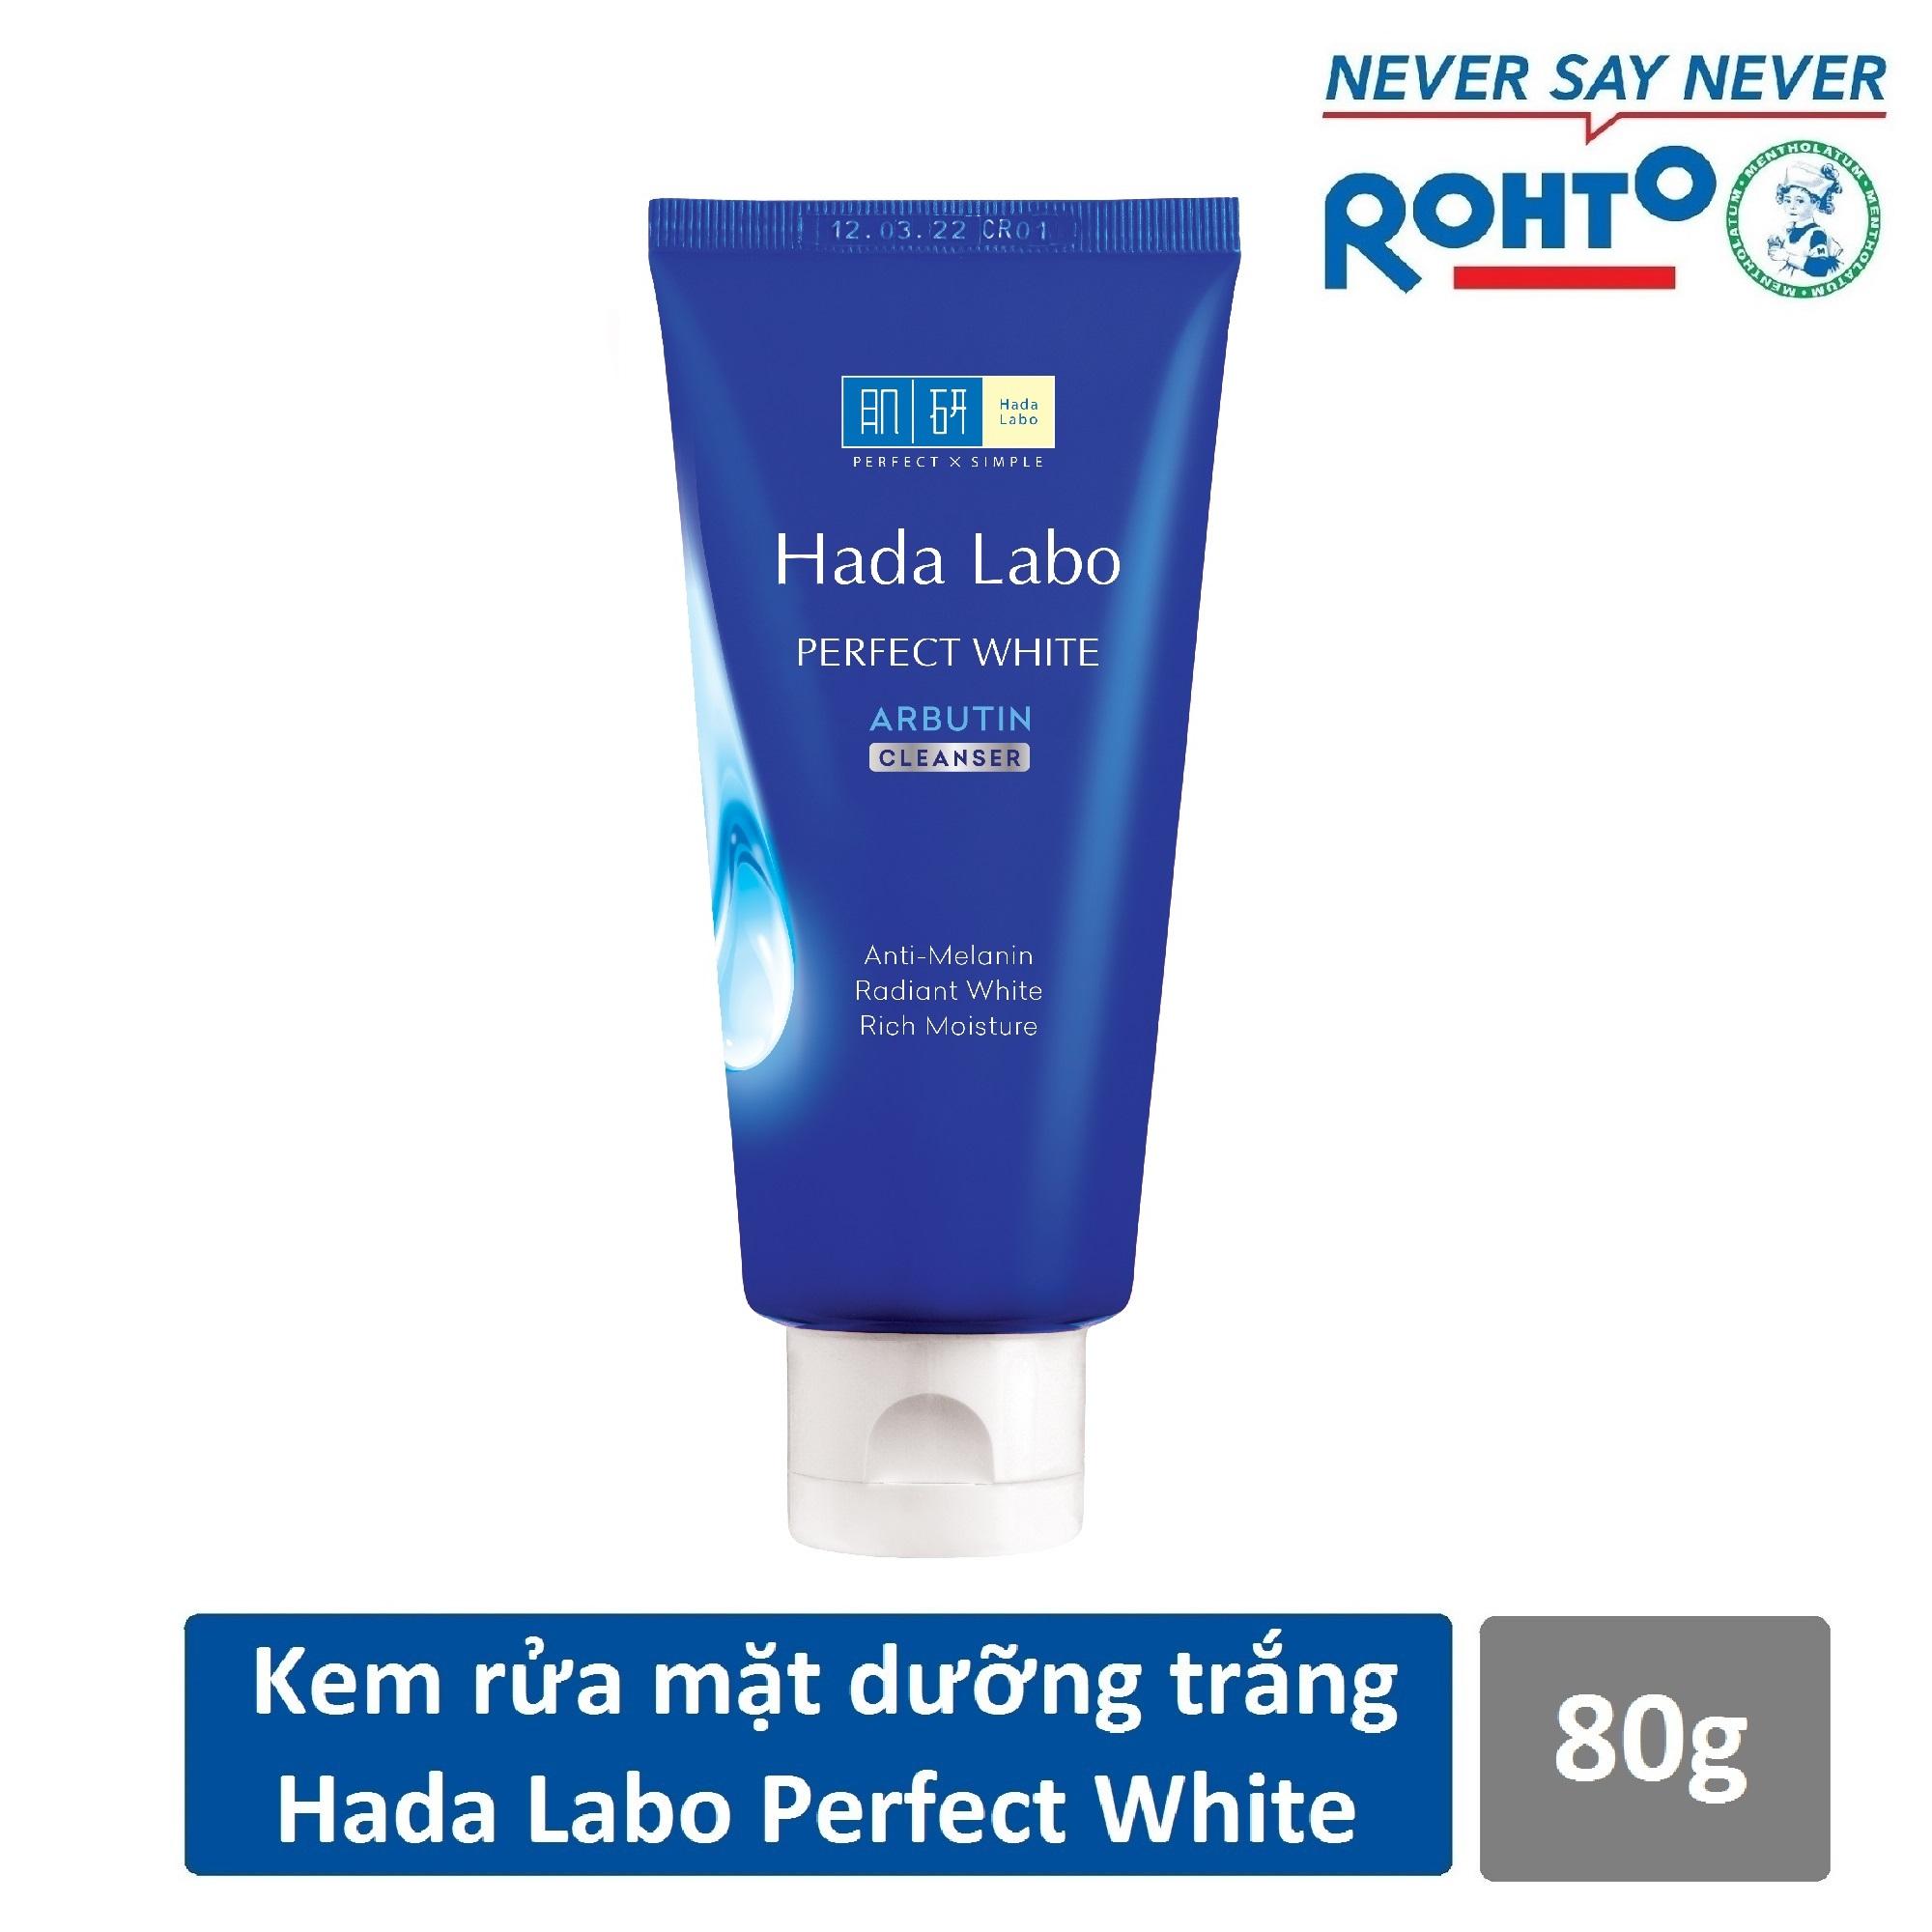 Sữa Rửa Mặt Dưỡng Trắng Hada Labo Perfect White Cleanser 80g Đang Có Khuyến Mãi